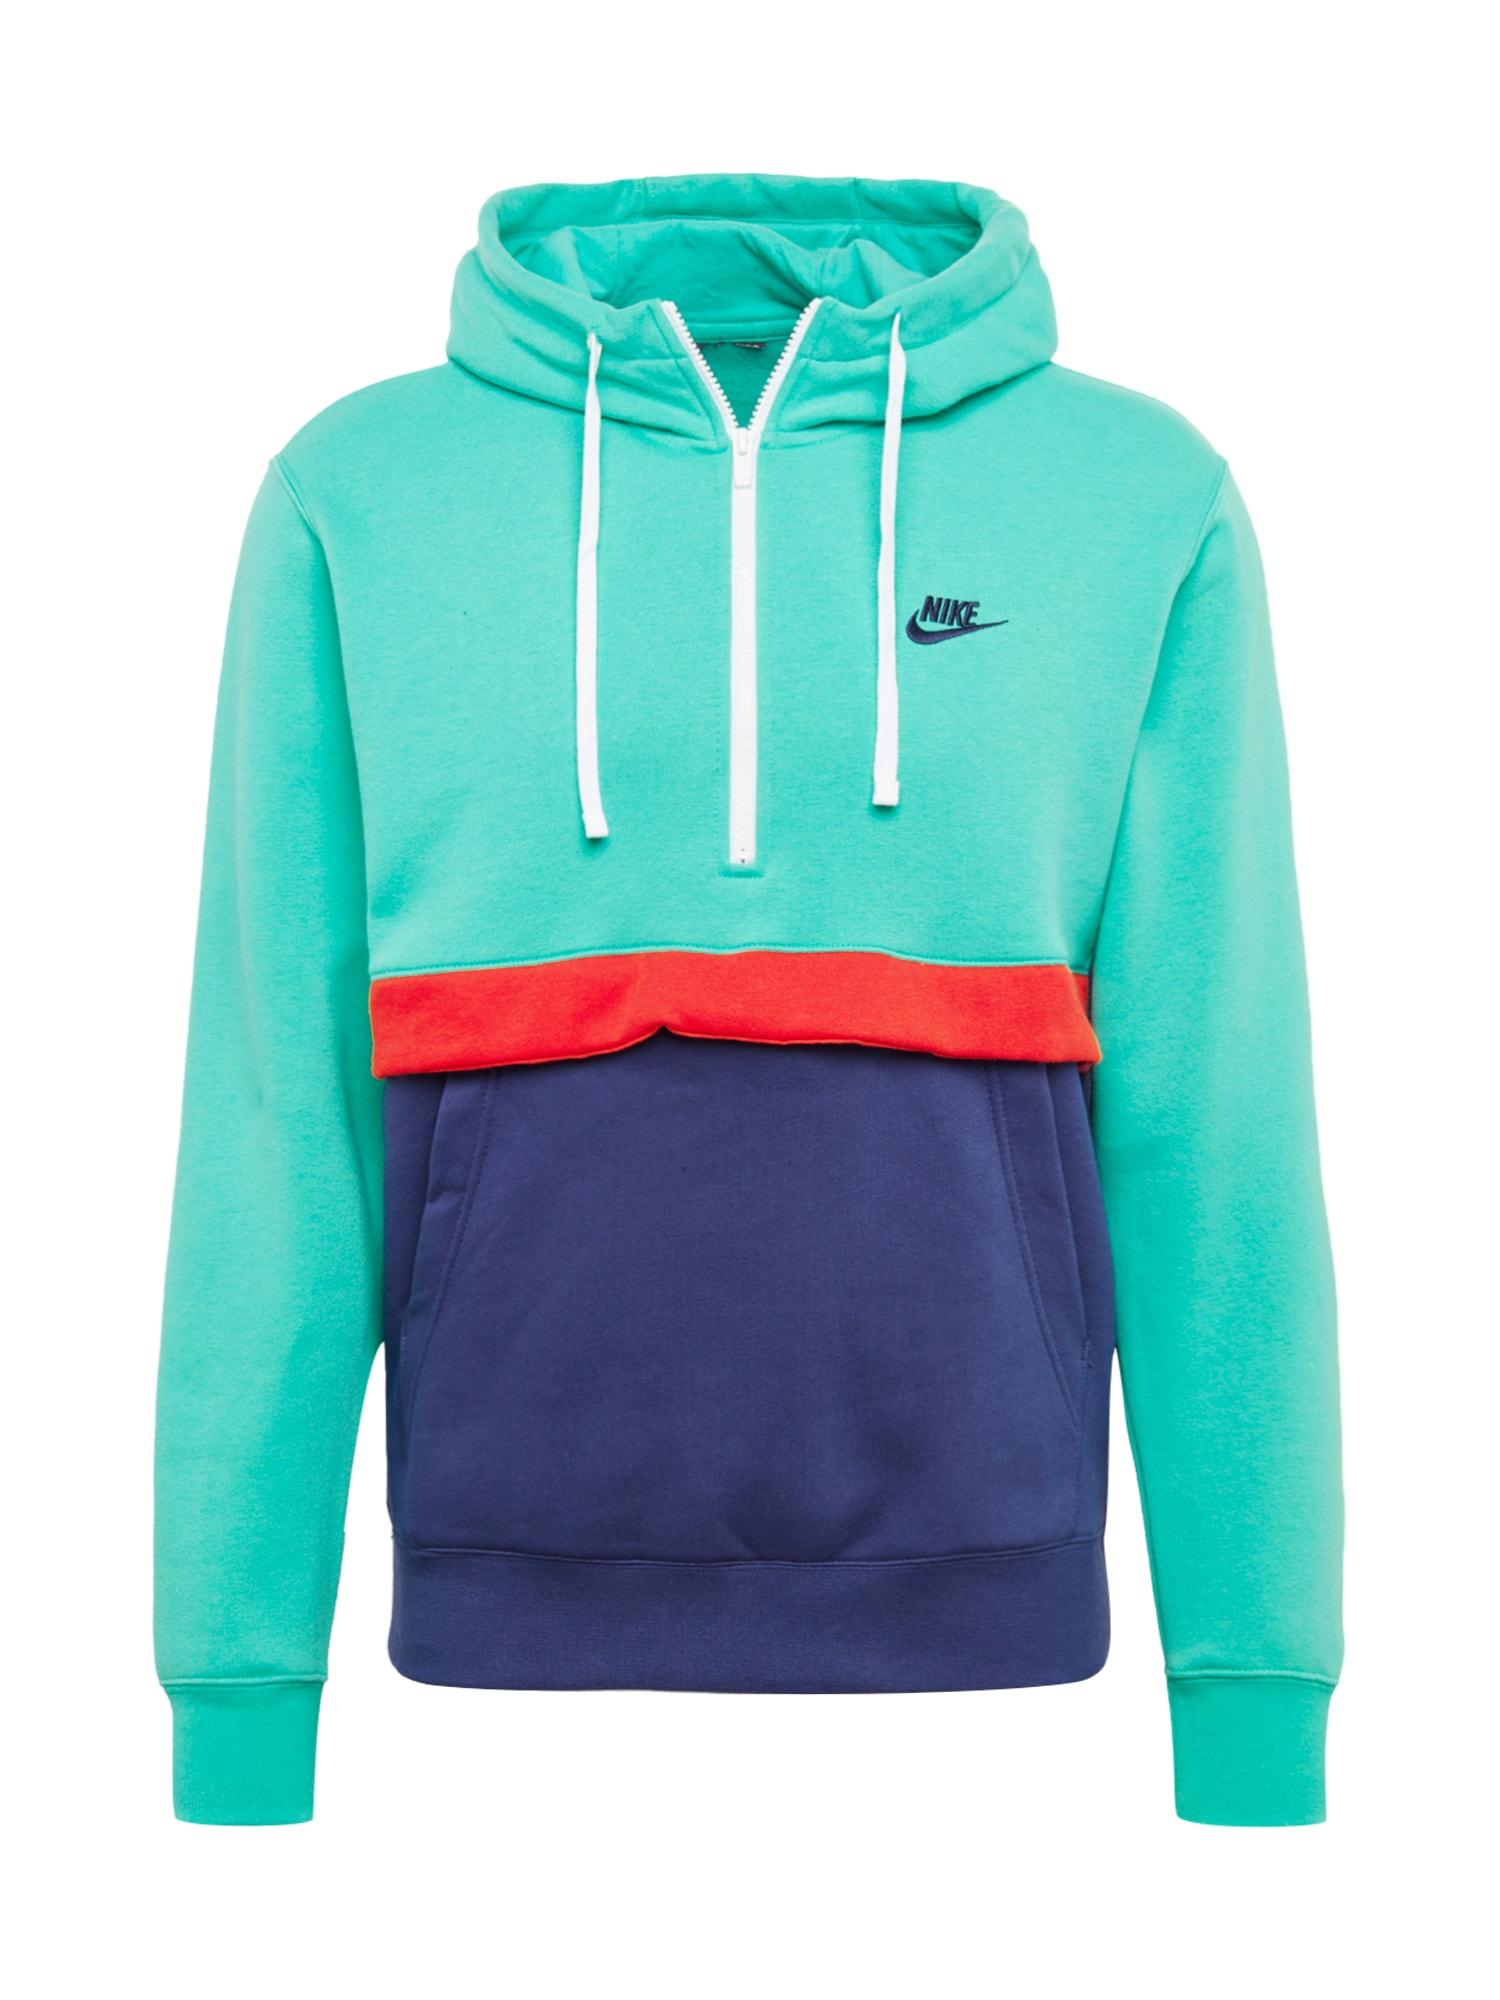 Nike Sportswear Mikina 'Club'  tyrkysová / tmavě modrá / červená